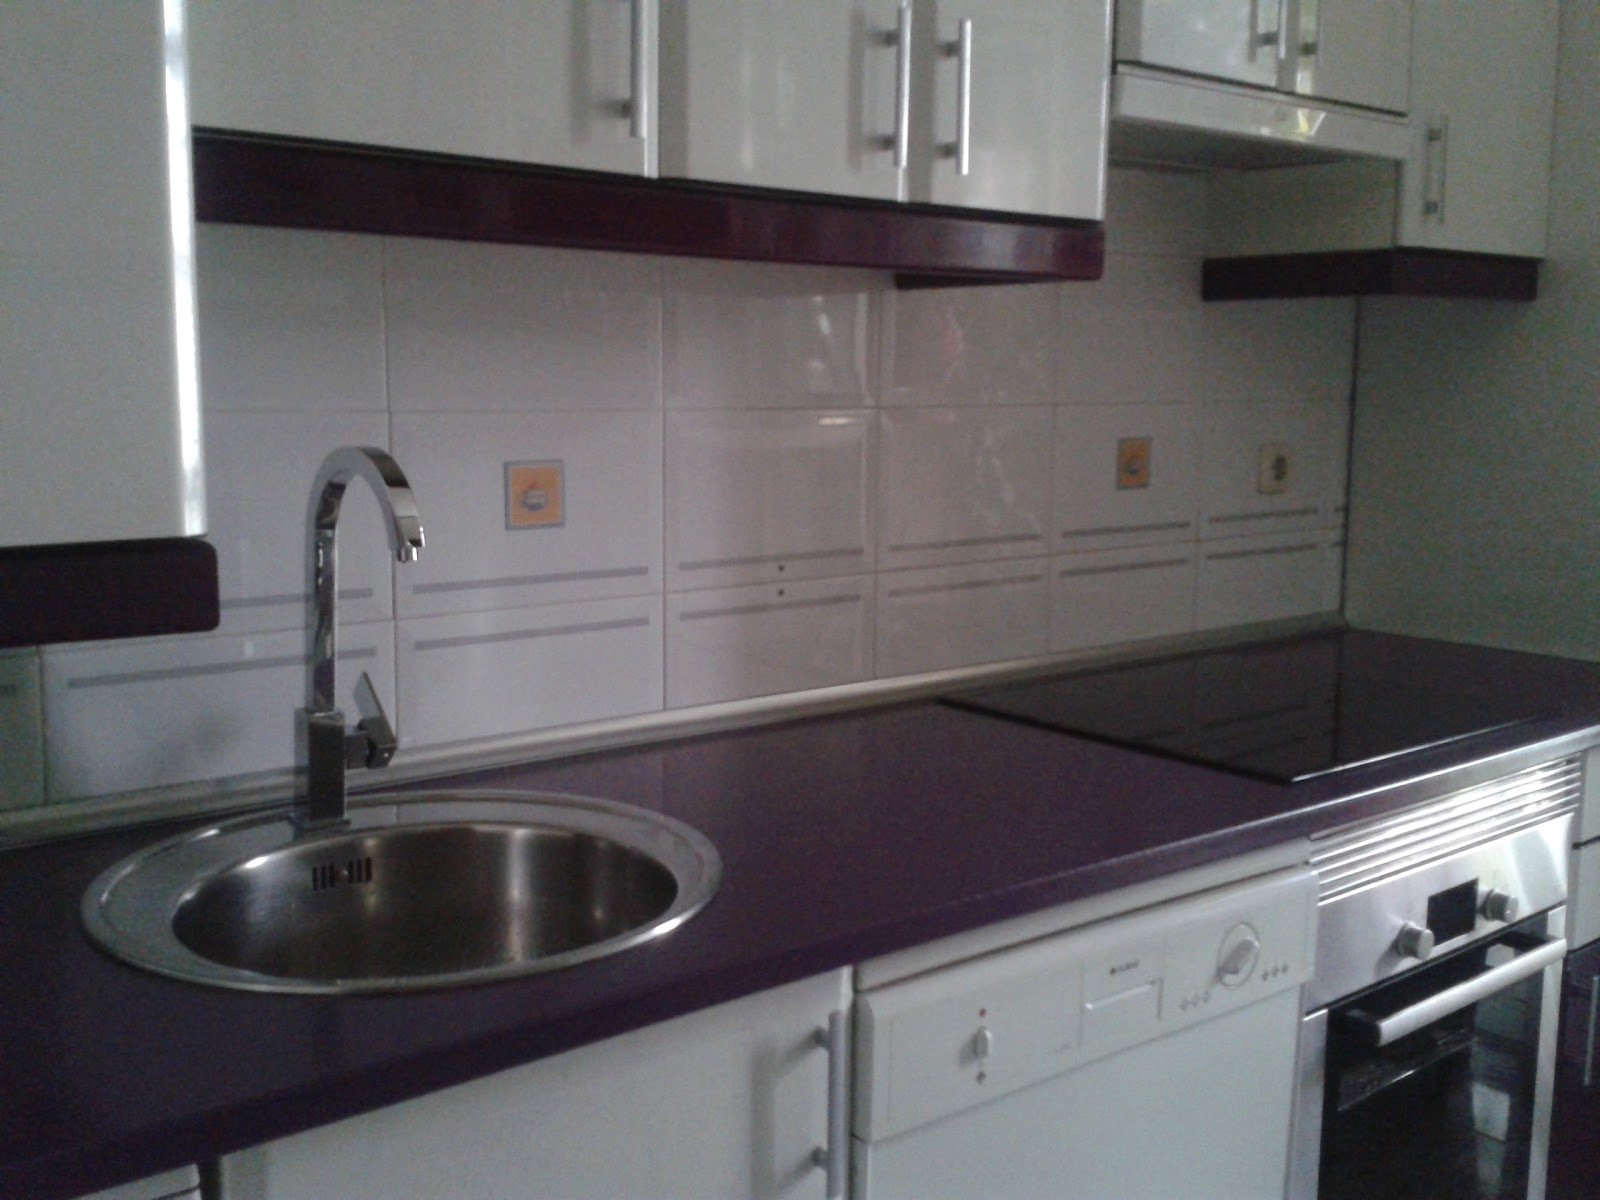 Arreglo cocina formica brillo remates y encimera - Remates encimeras cocinas ...